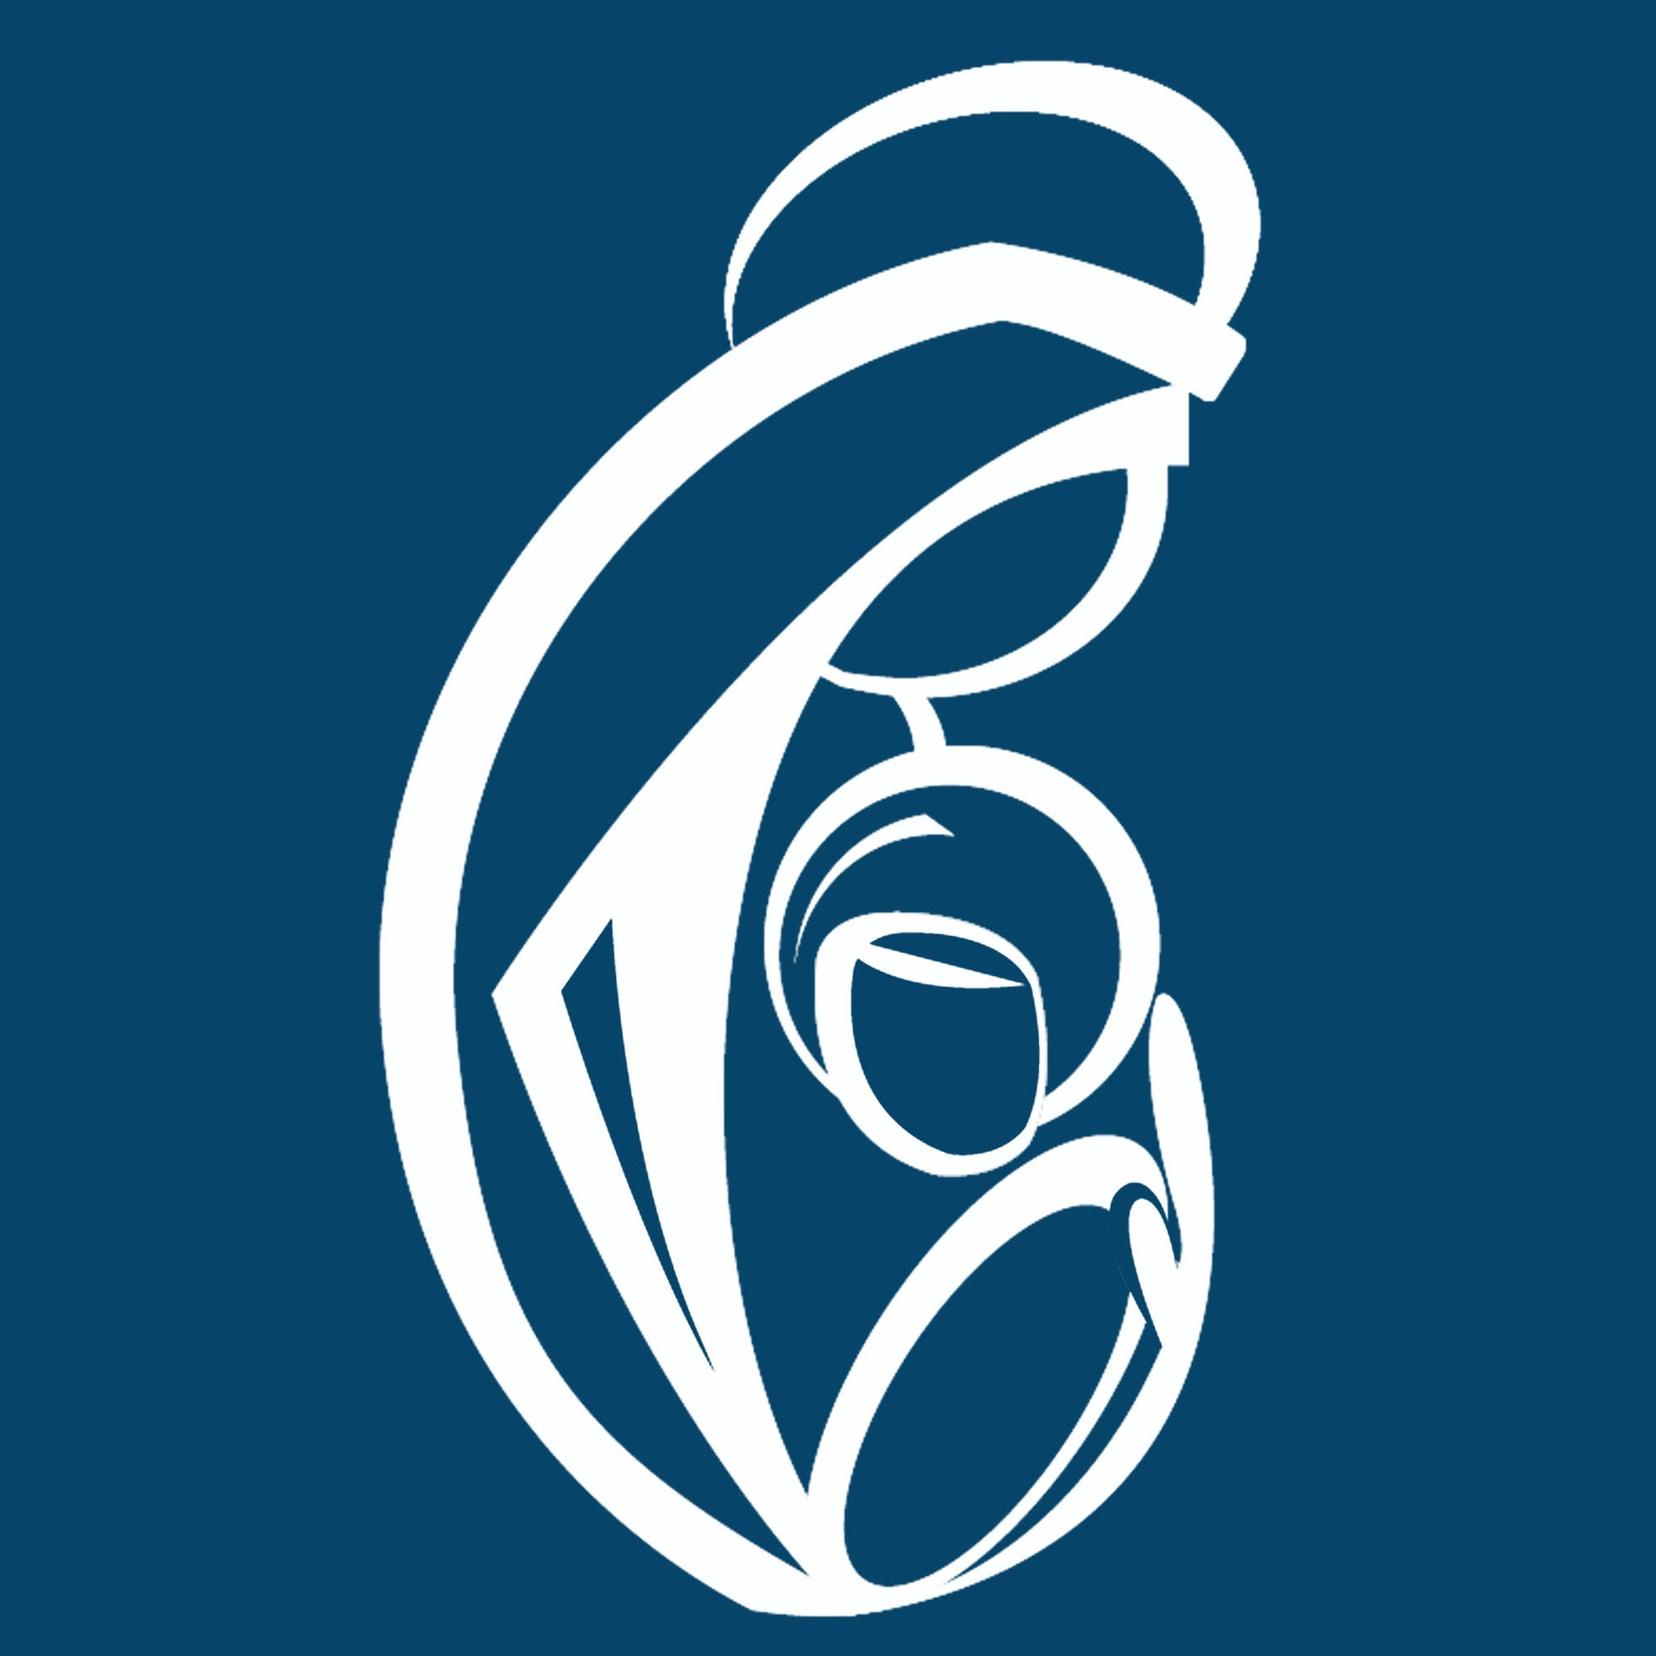 Parish Logo, 2013 - Present